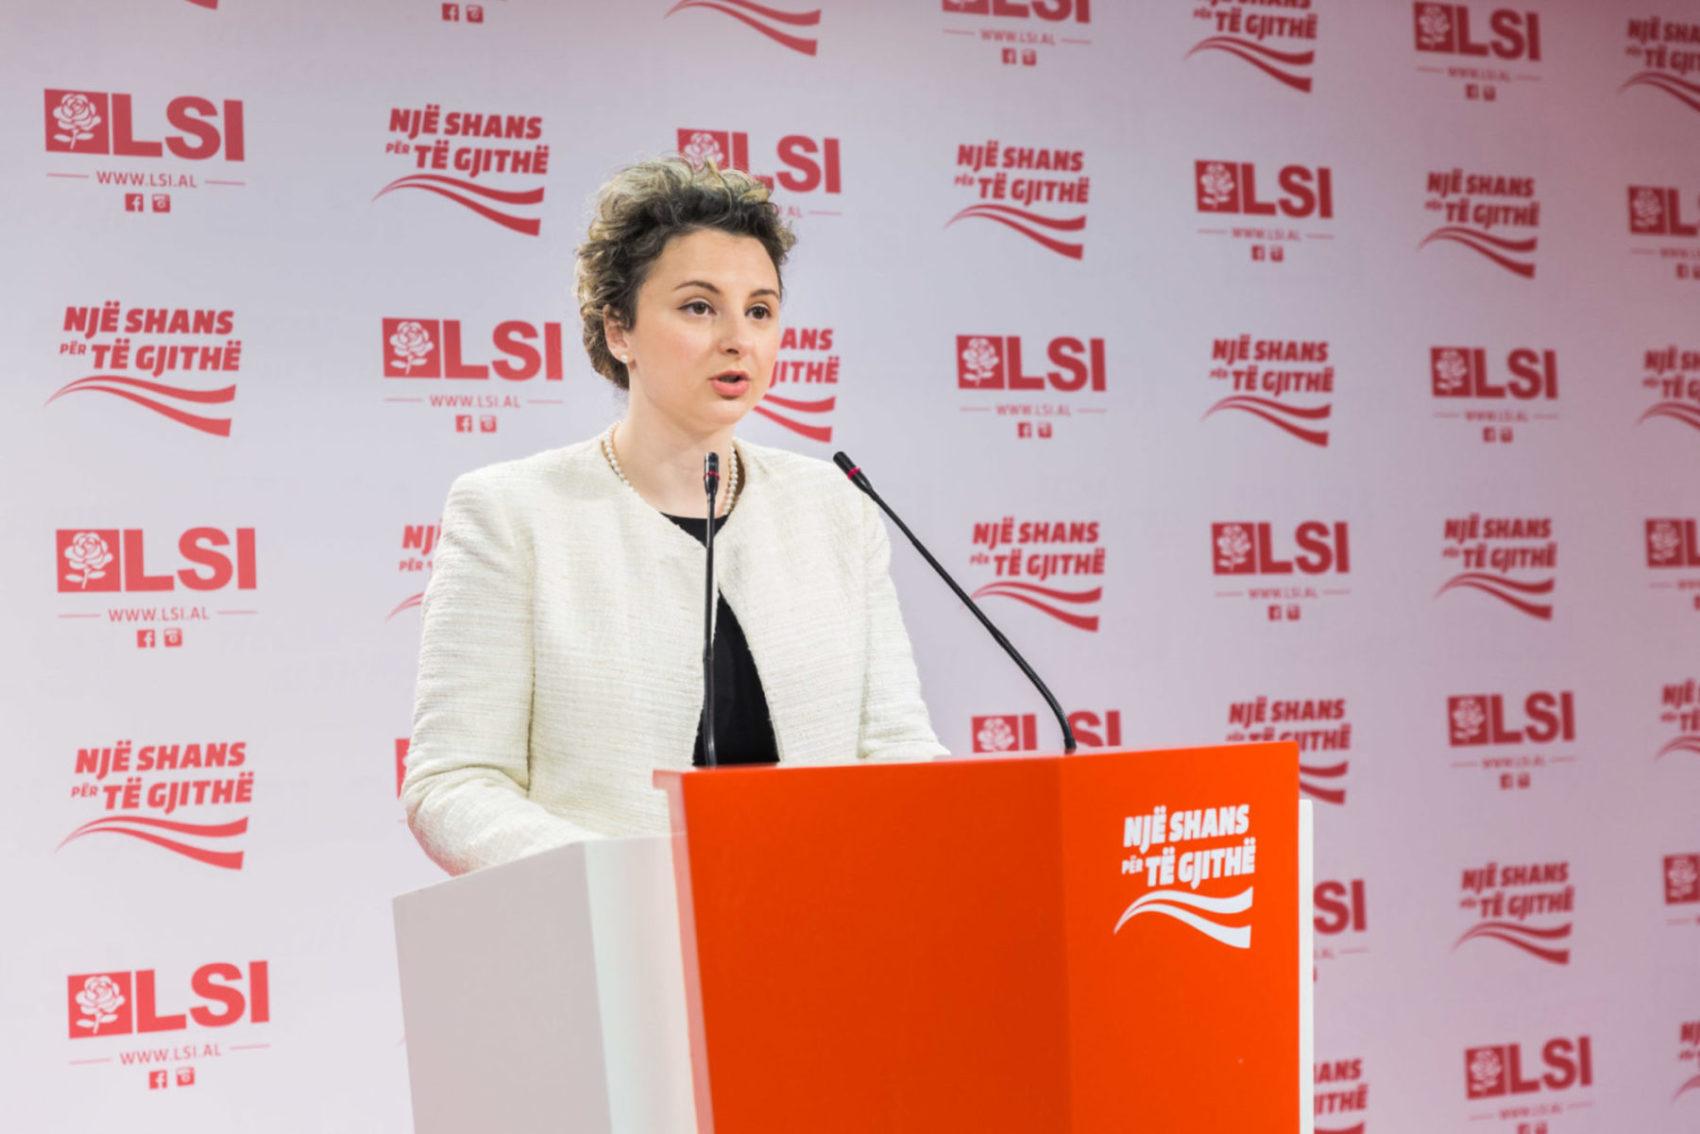 109 milionë euro për Bechetin, Erisa Xhixho: Krim shtetëror, SPAK të veprojë, koha nuk pret